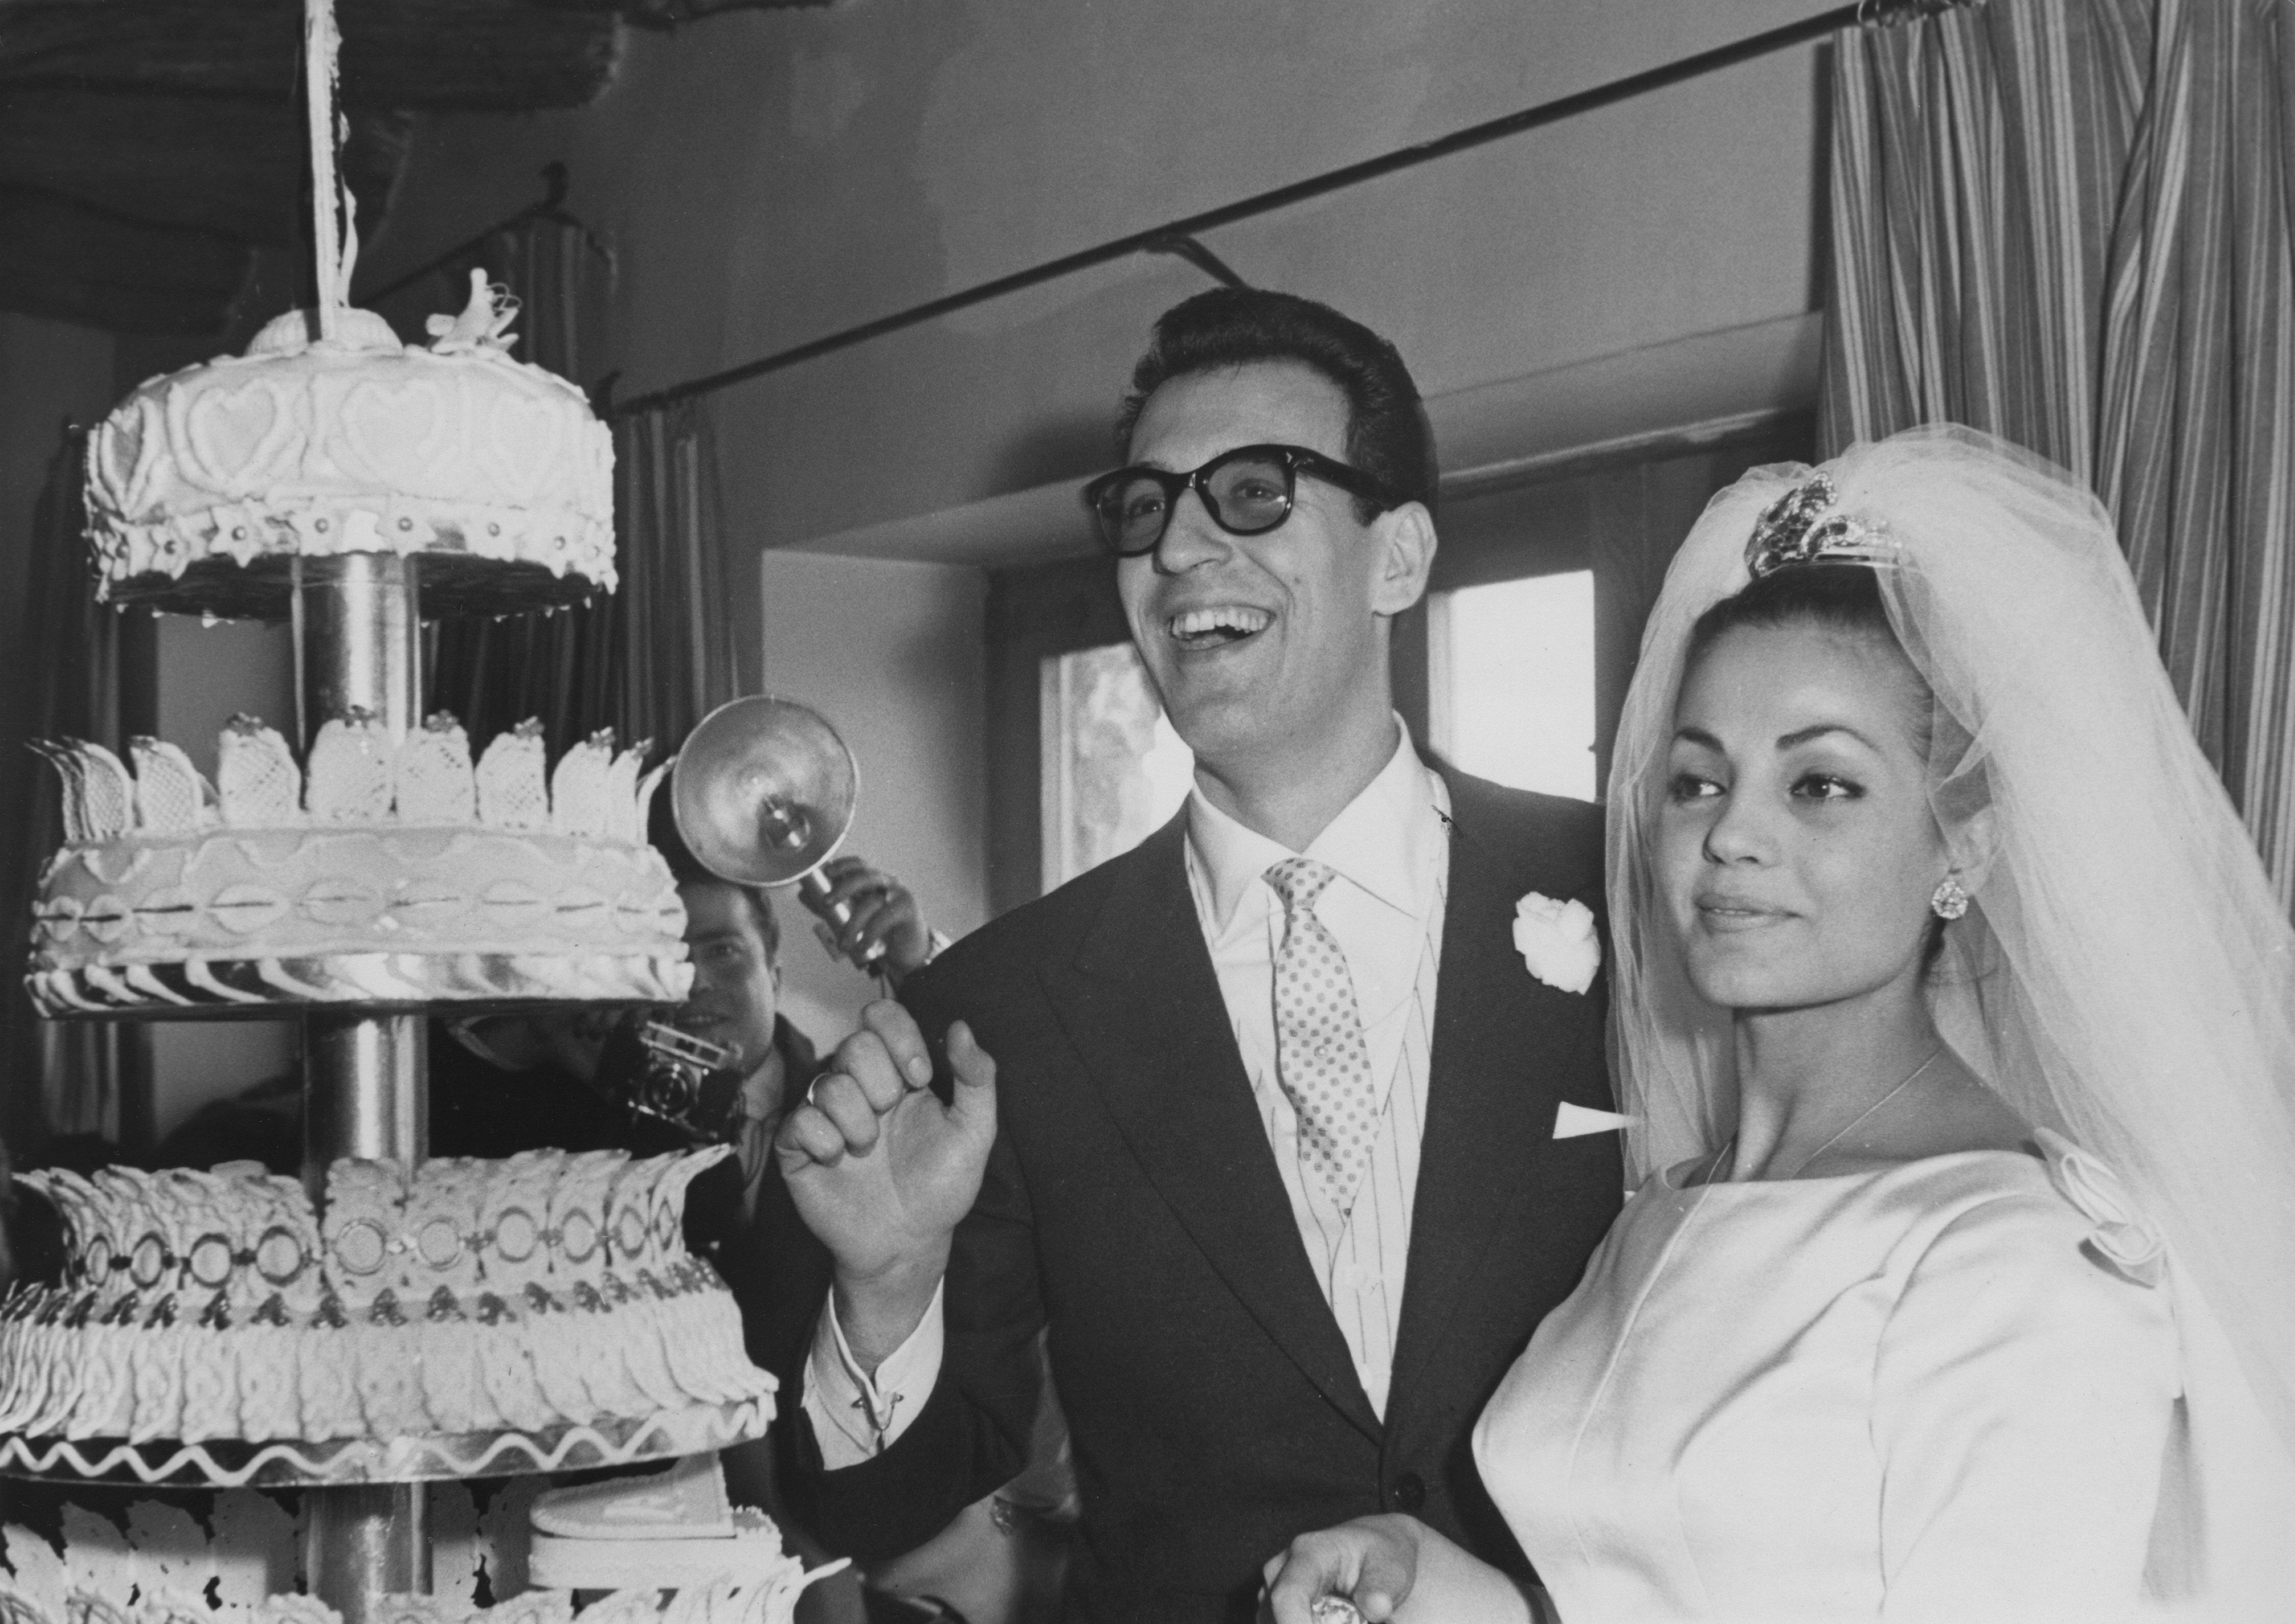 Carmen Sevilla y Augusto Algueró Dasca el día de su boda || Fuente: Getty Images